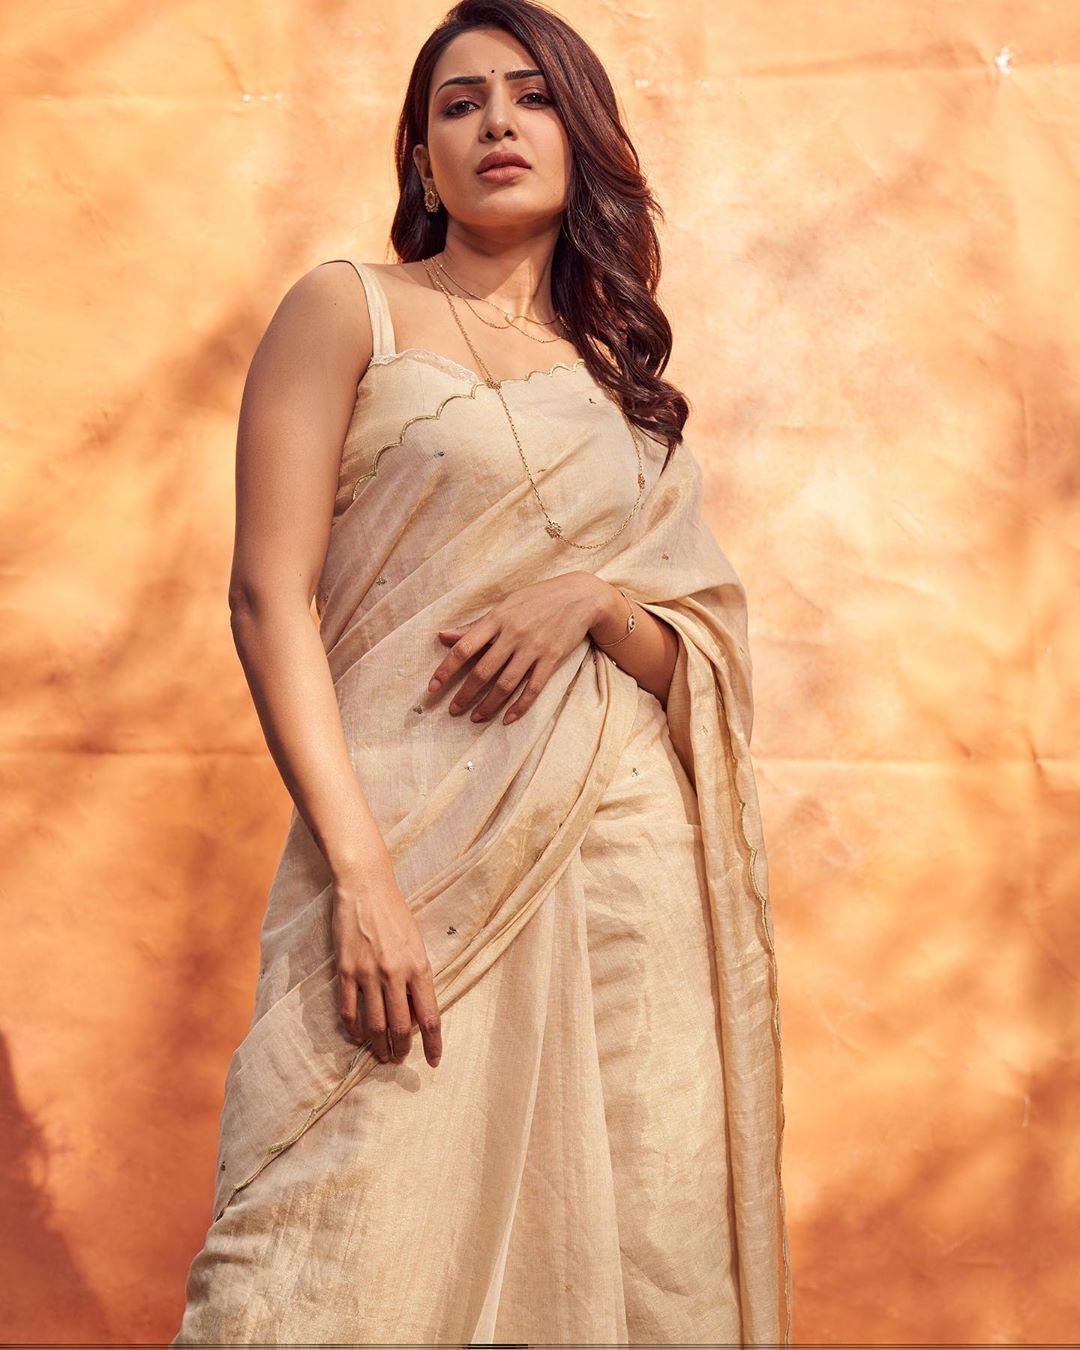 இணையத்தை கலக்கும் சமந்தாவின் புகைப்படங்கள் ( IMAGE: INSTAGRAM )